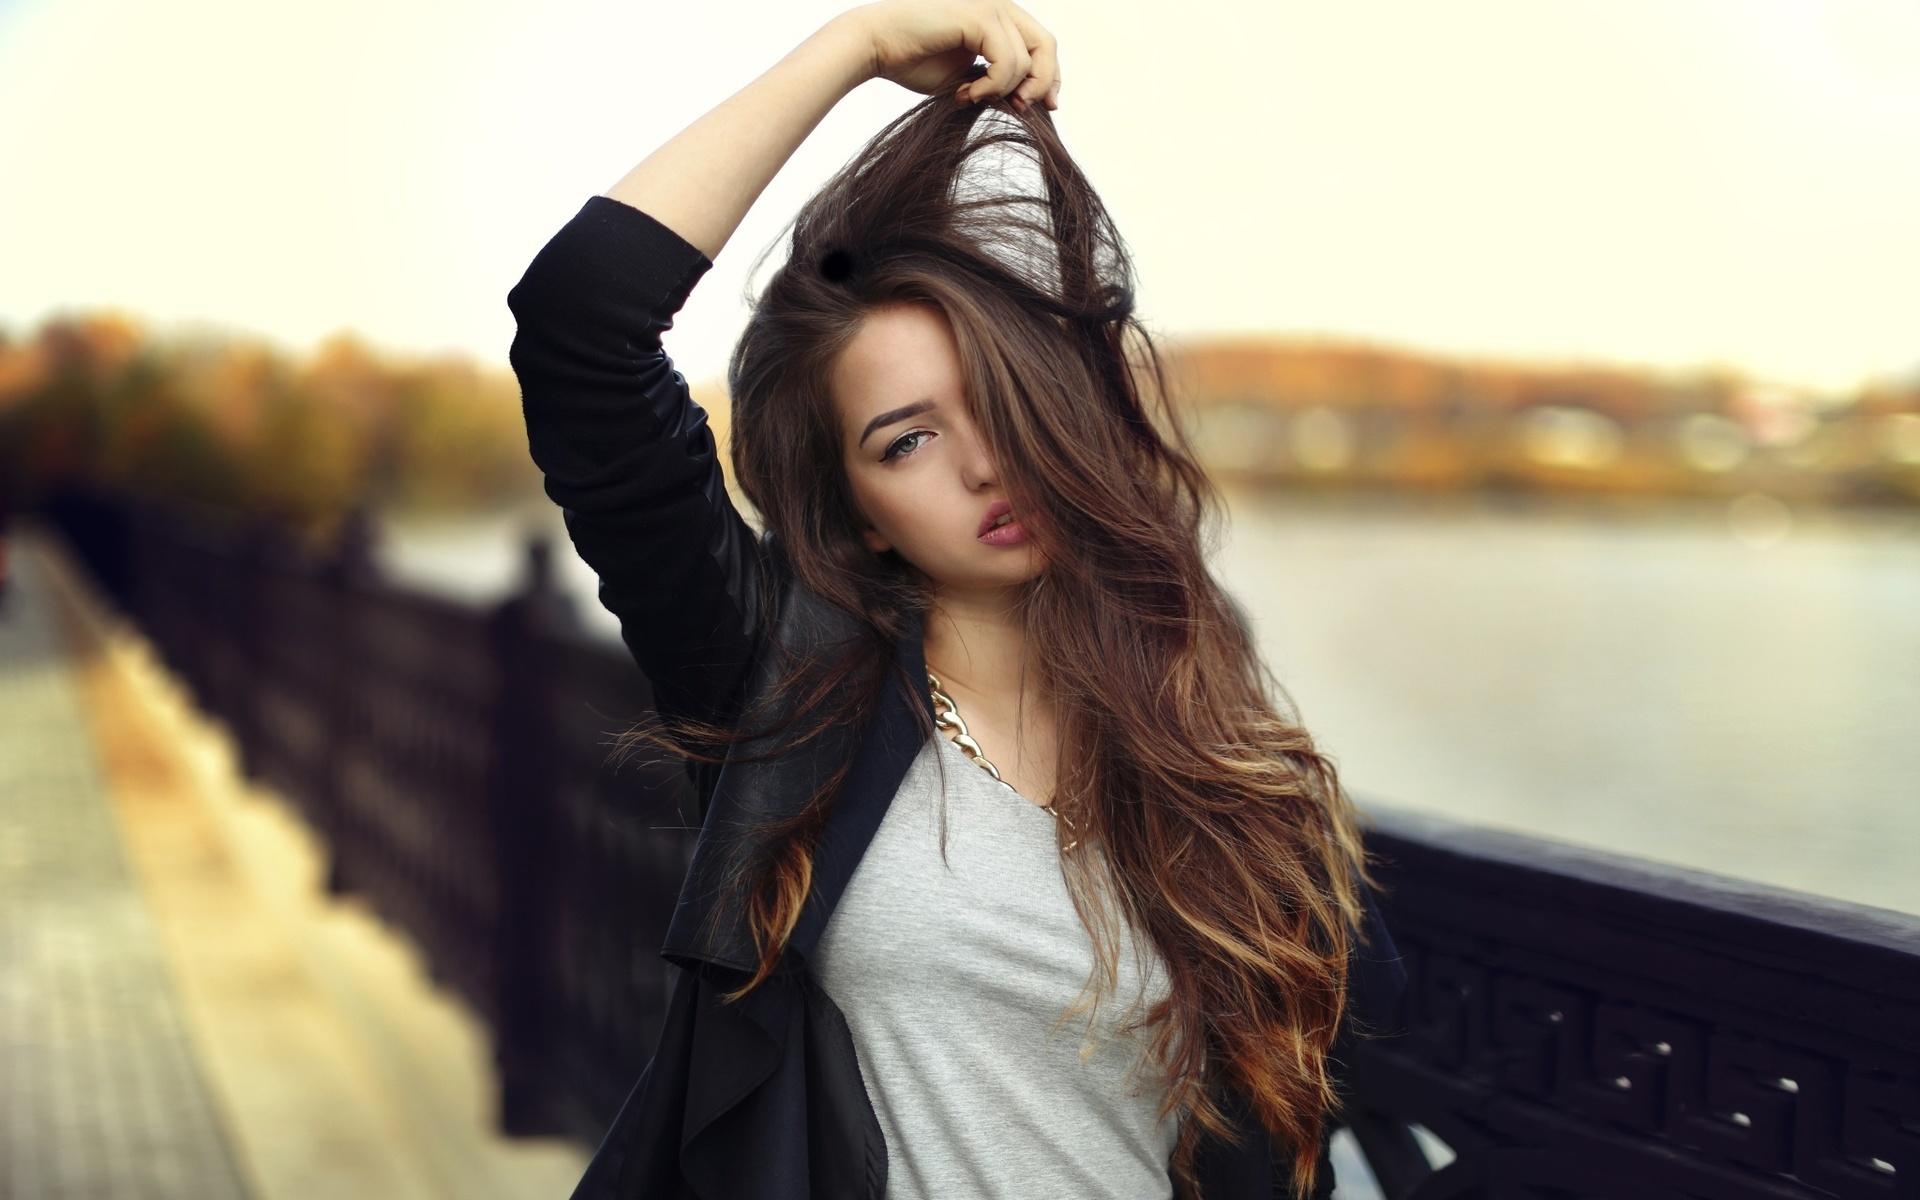 Картинки девушек с красивыми волосами на аву